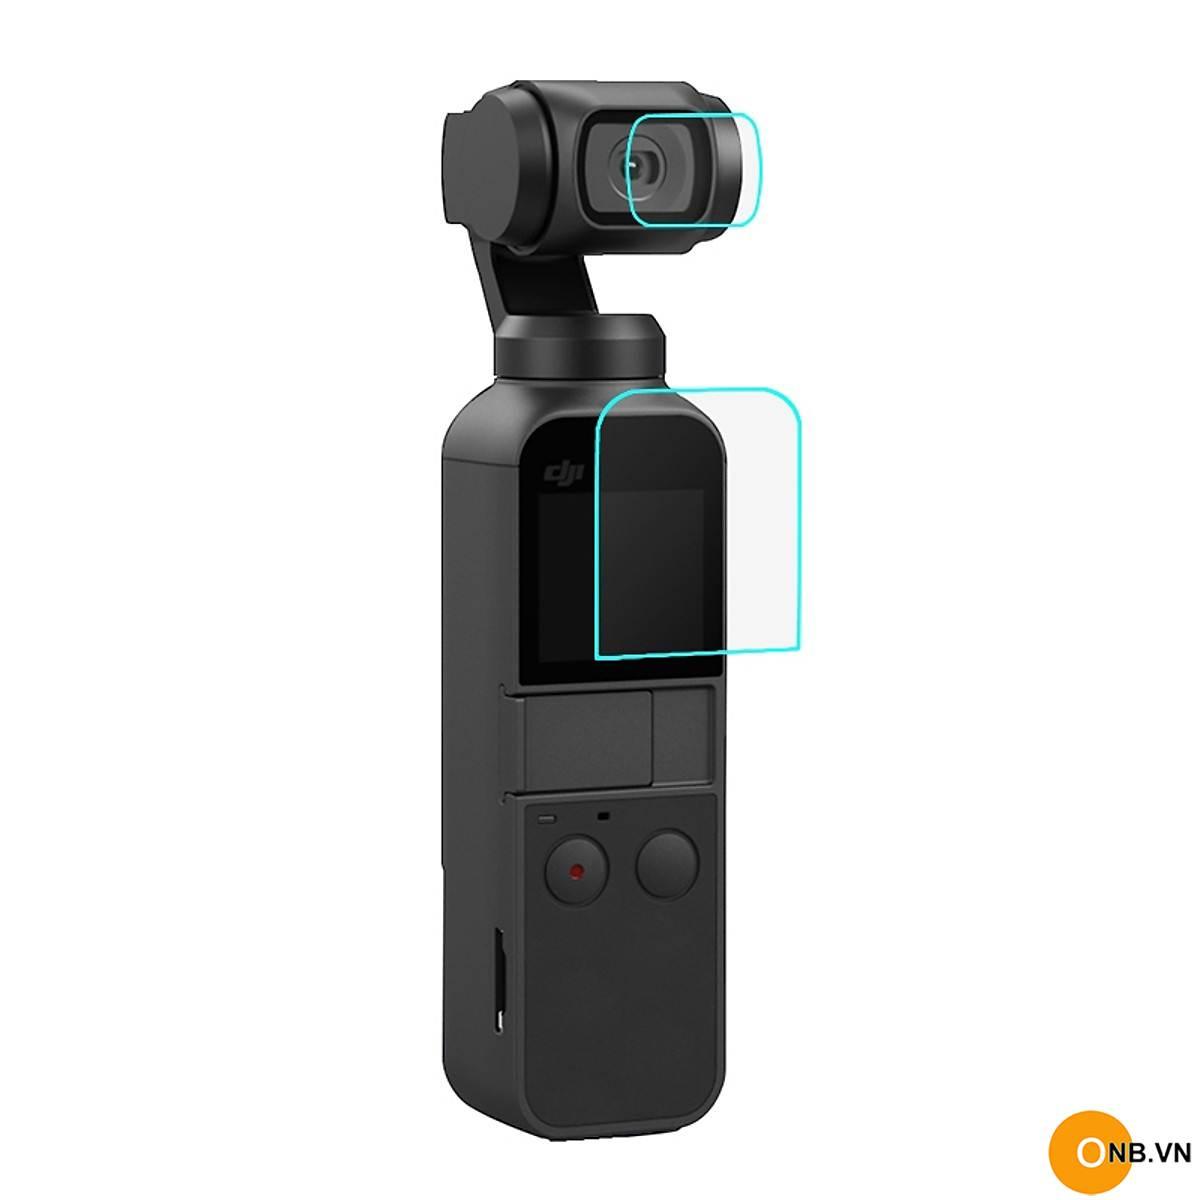 Dán màn hình cường lực Osmo Pocket